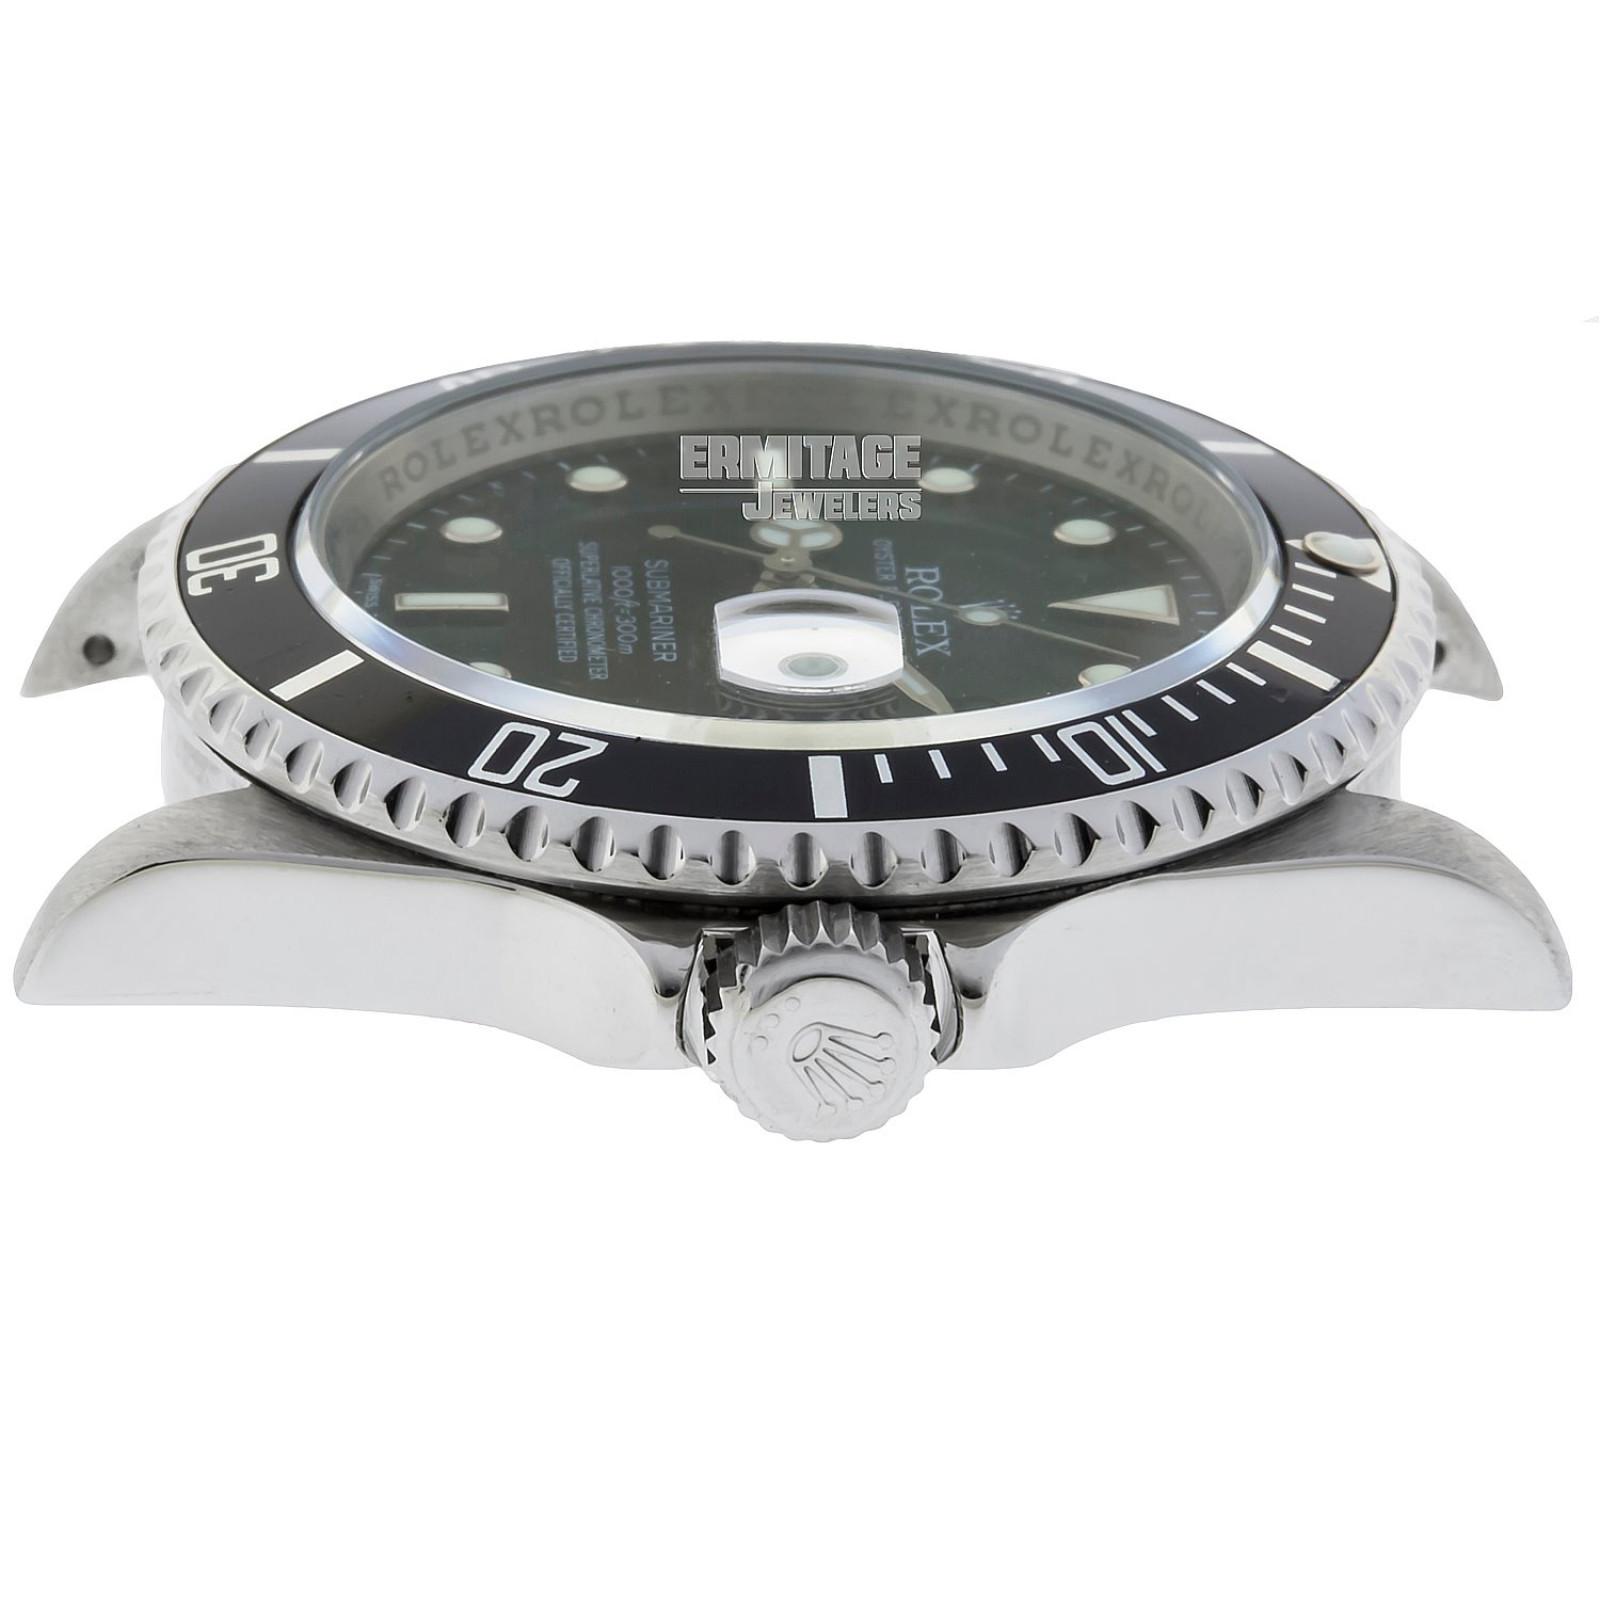 Rolex Submariner Ref. 16610 Engraved Bezel